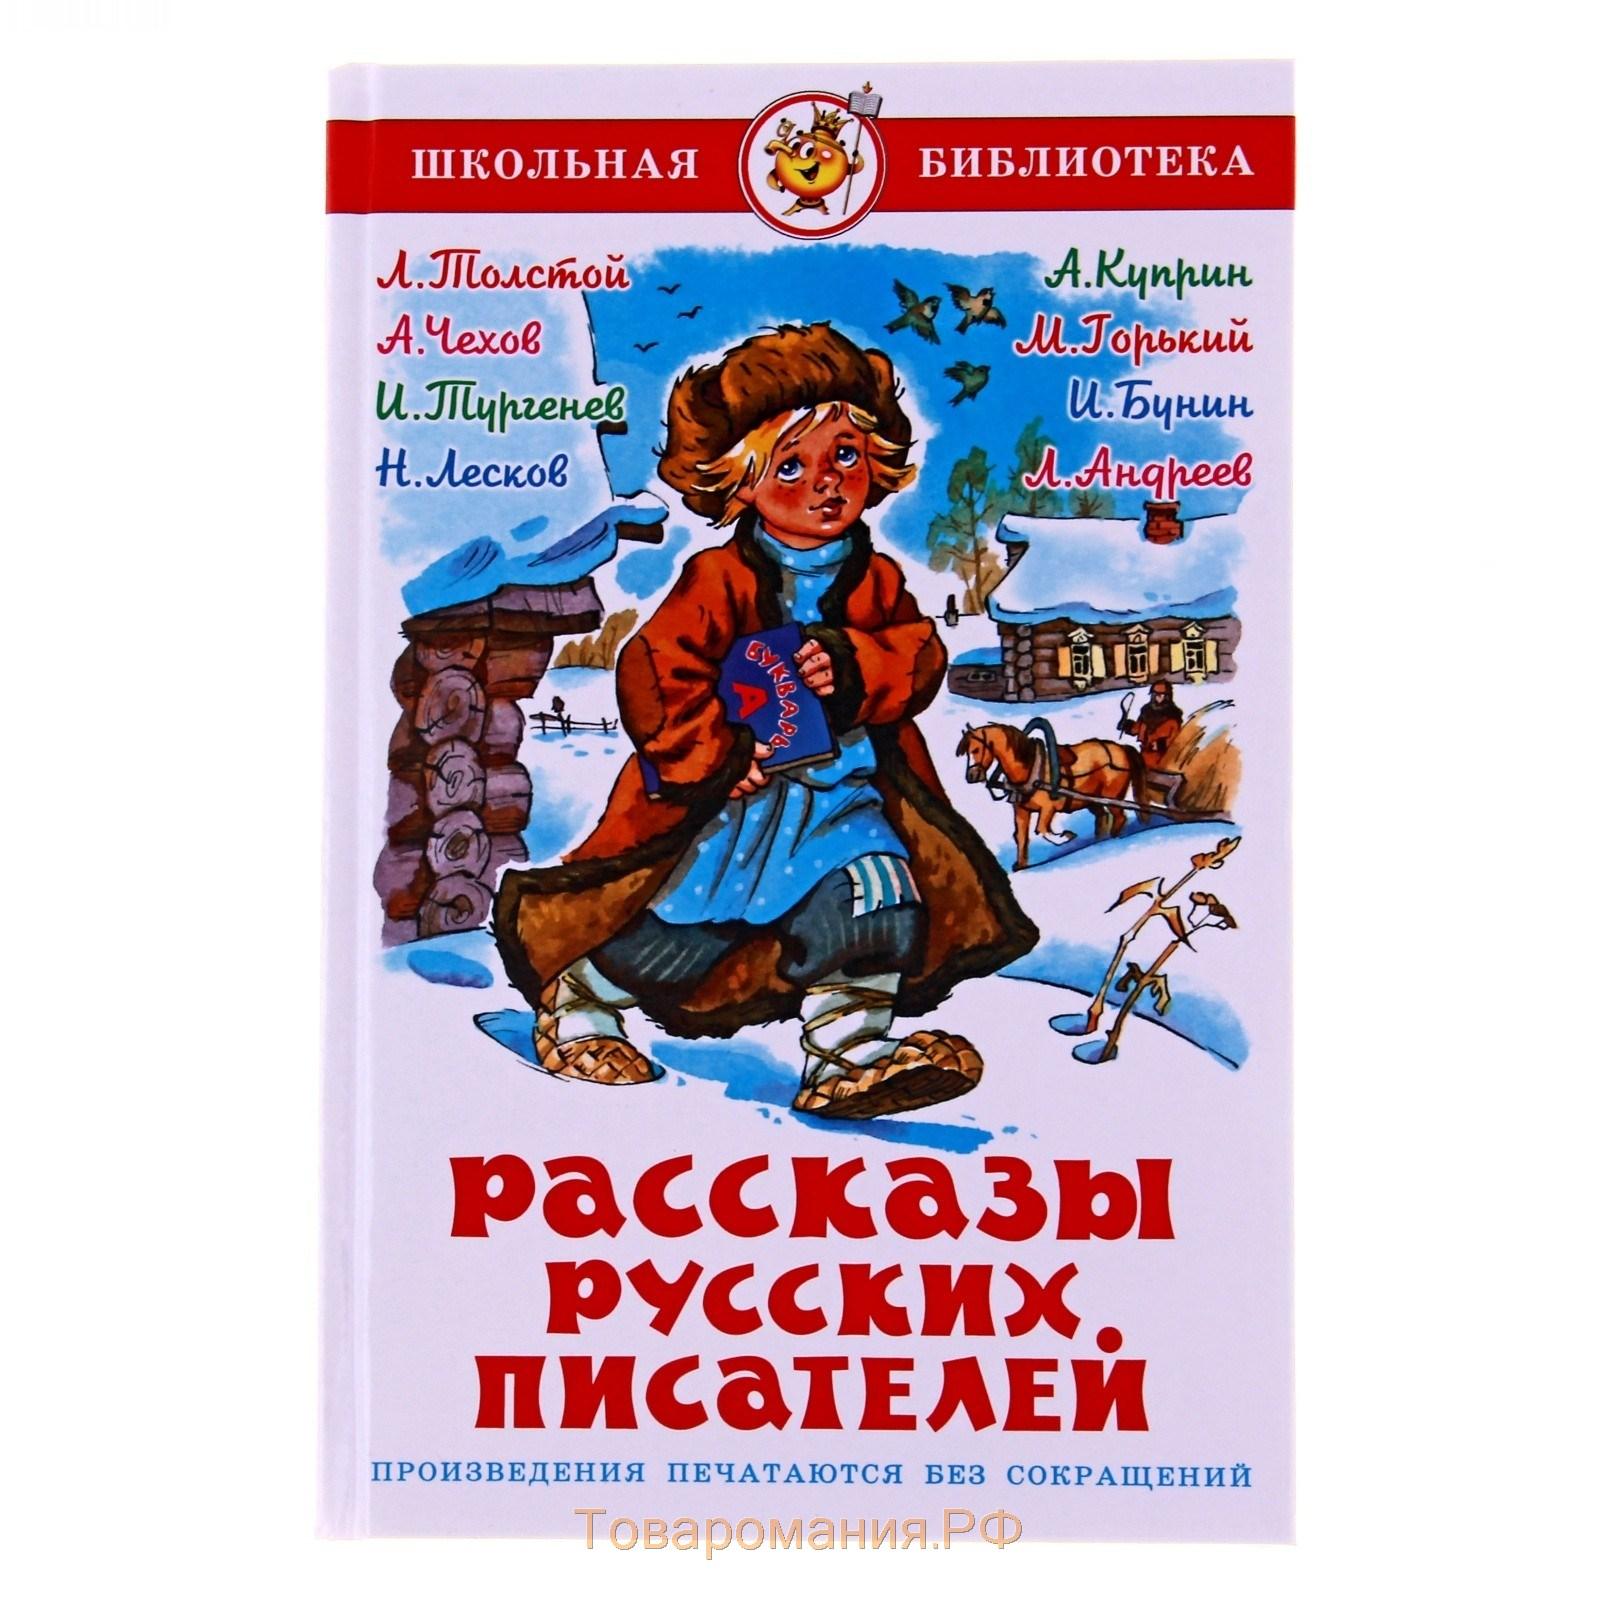 Секс в рассказах русских писателей 4 фотография